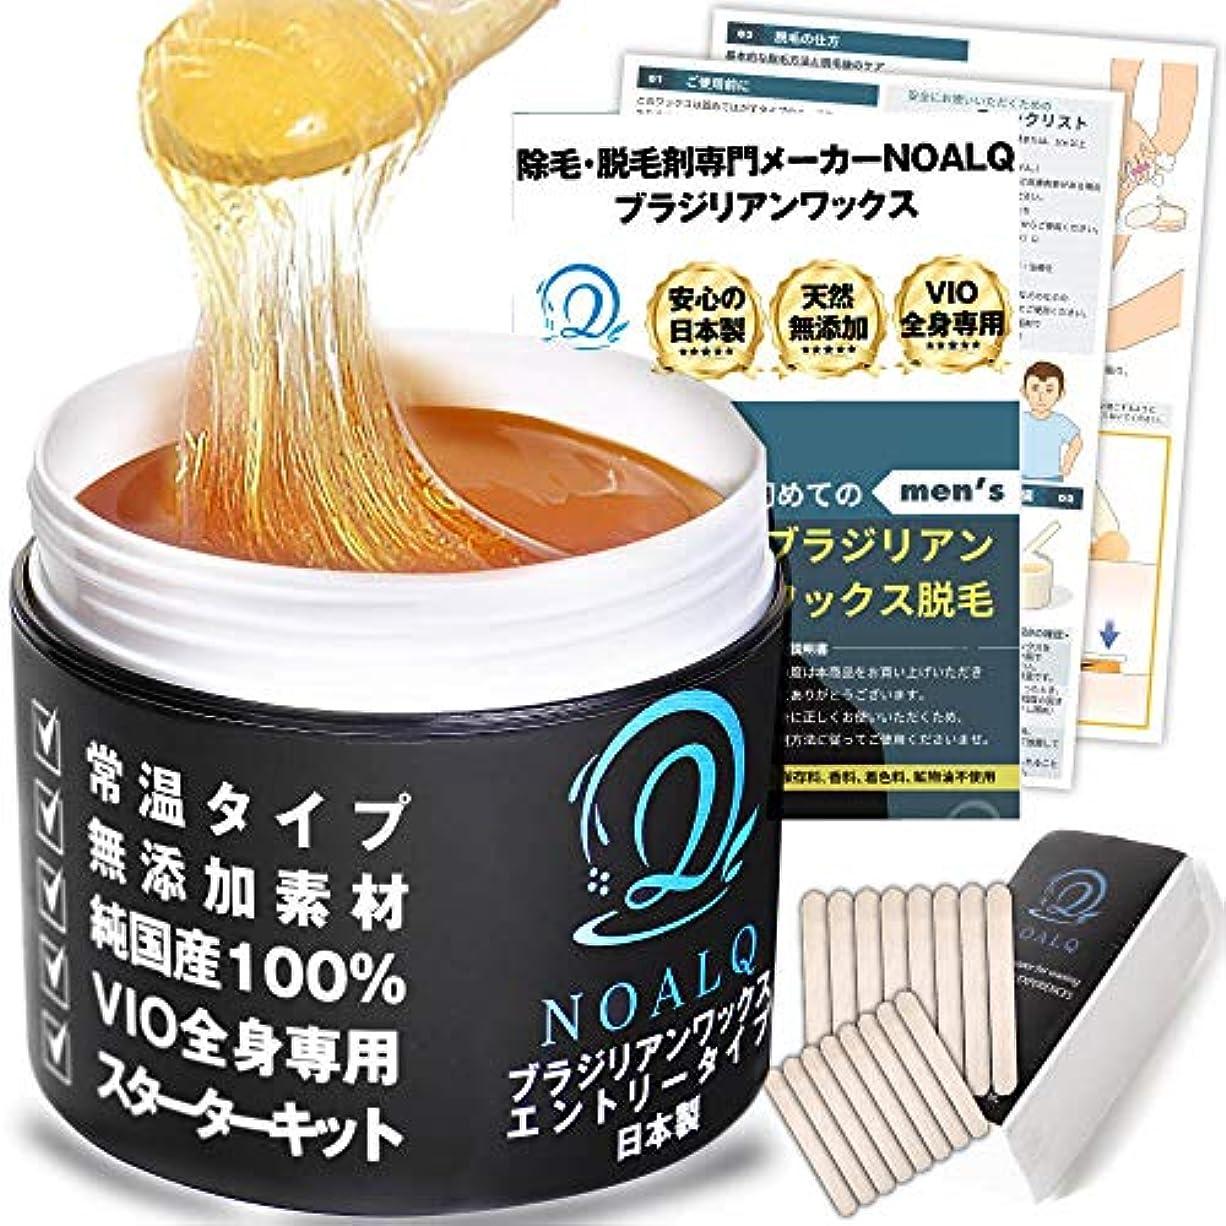 セージ依存するアストロラーベNOALQ(ノアルク) ブラジリアンワックス エントリータイプ 天然無添加素材 純国産100% VIO 全身脱毛専用 スターターキット